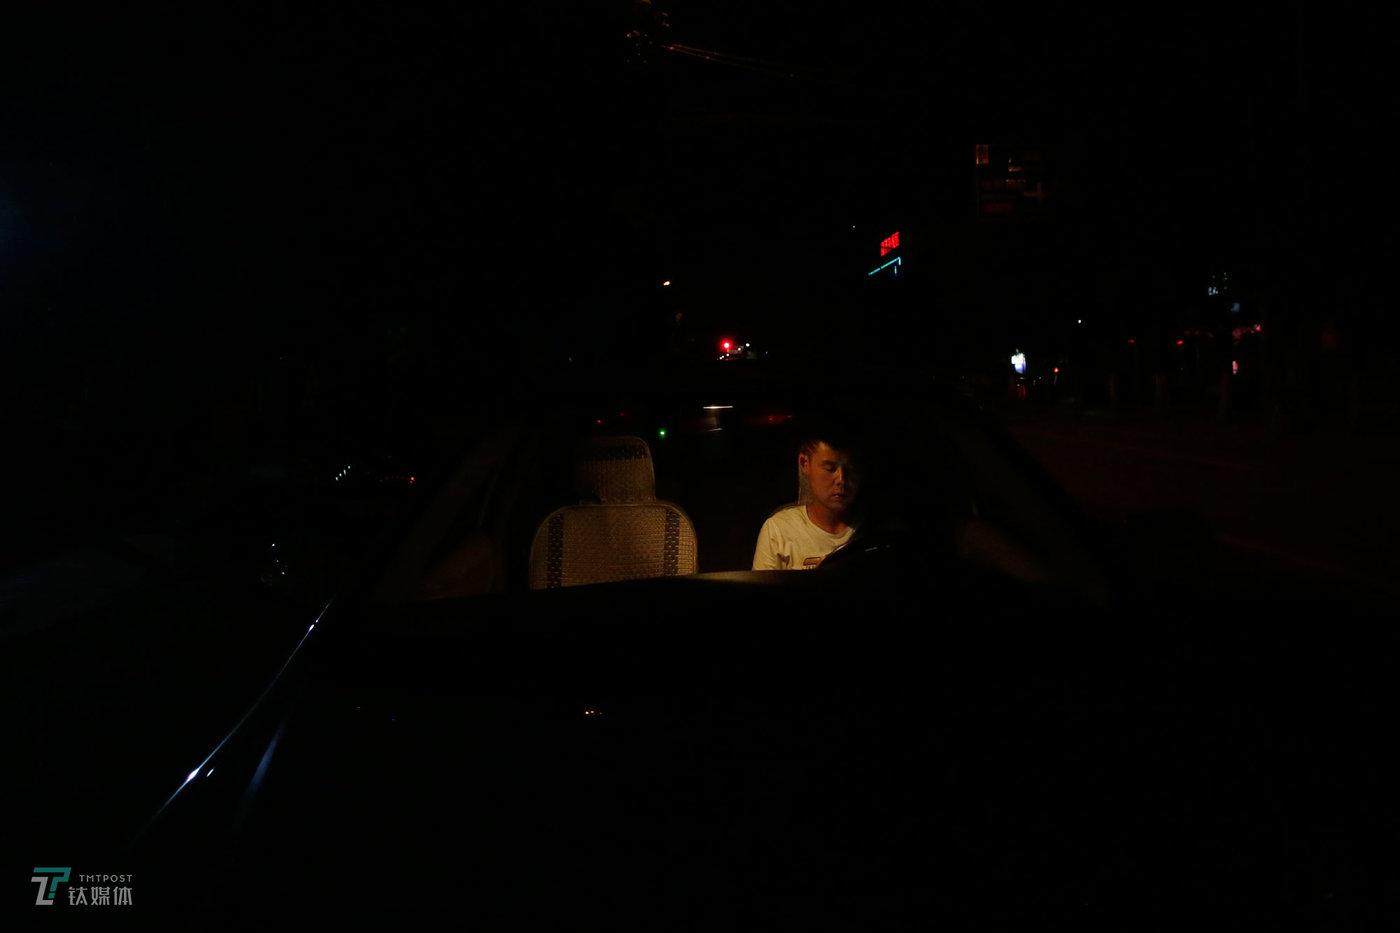 凌晨,北京通州,滴滴司机阿伟在等待订单。